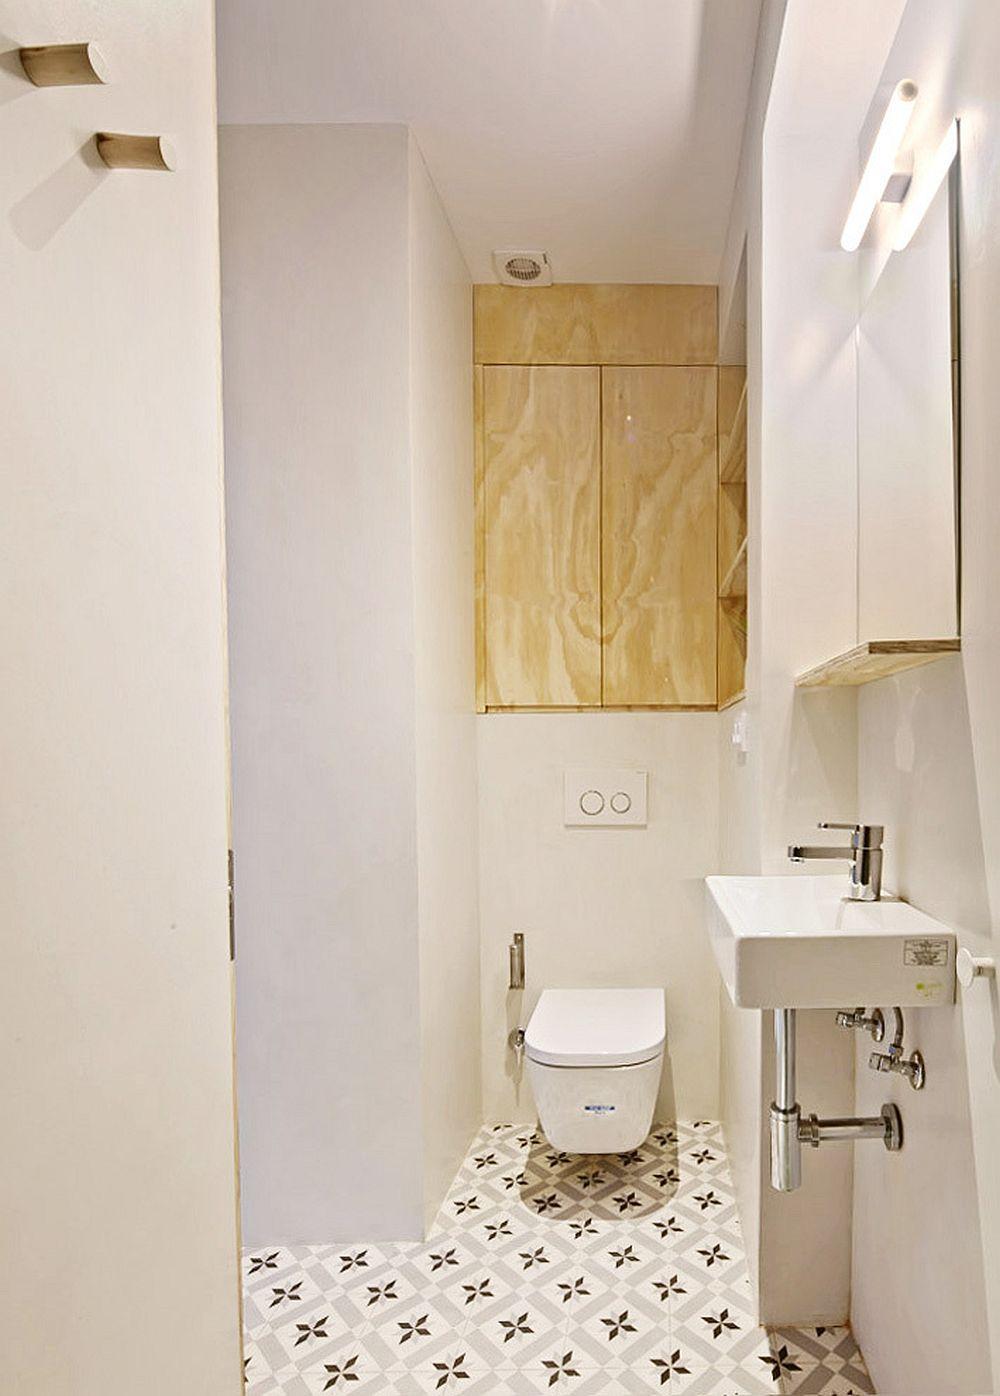 Chiar dacă spațiul este mic, deasupra vasului wc s-a putut adapta un corp de mobilier pentru depozitare. Acest corp de mobilier a fost amplasat în nișa rezultată deasupra rezorvorului vasului wc, rezervor îngropat.